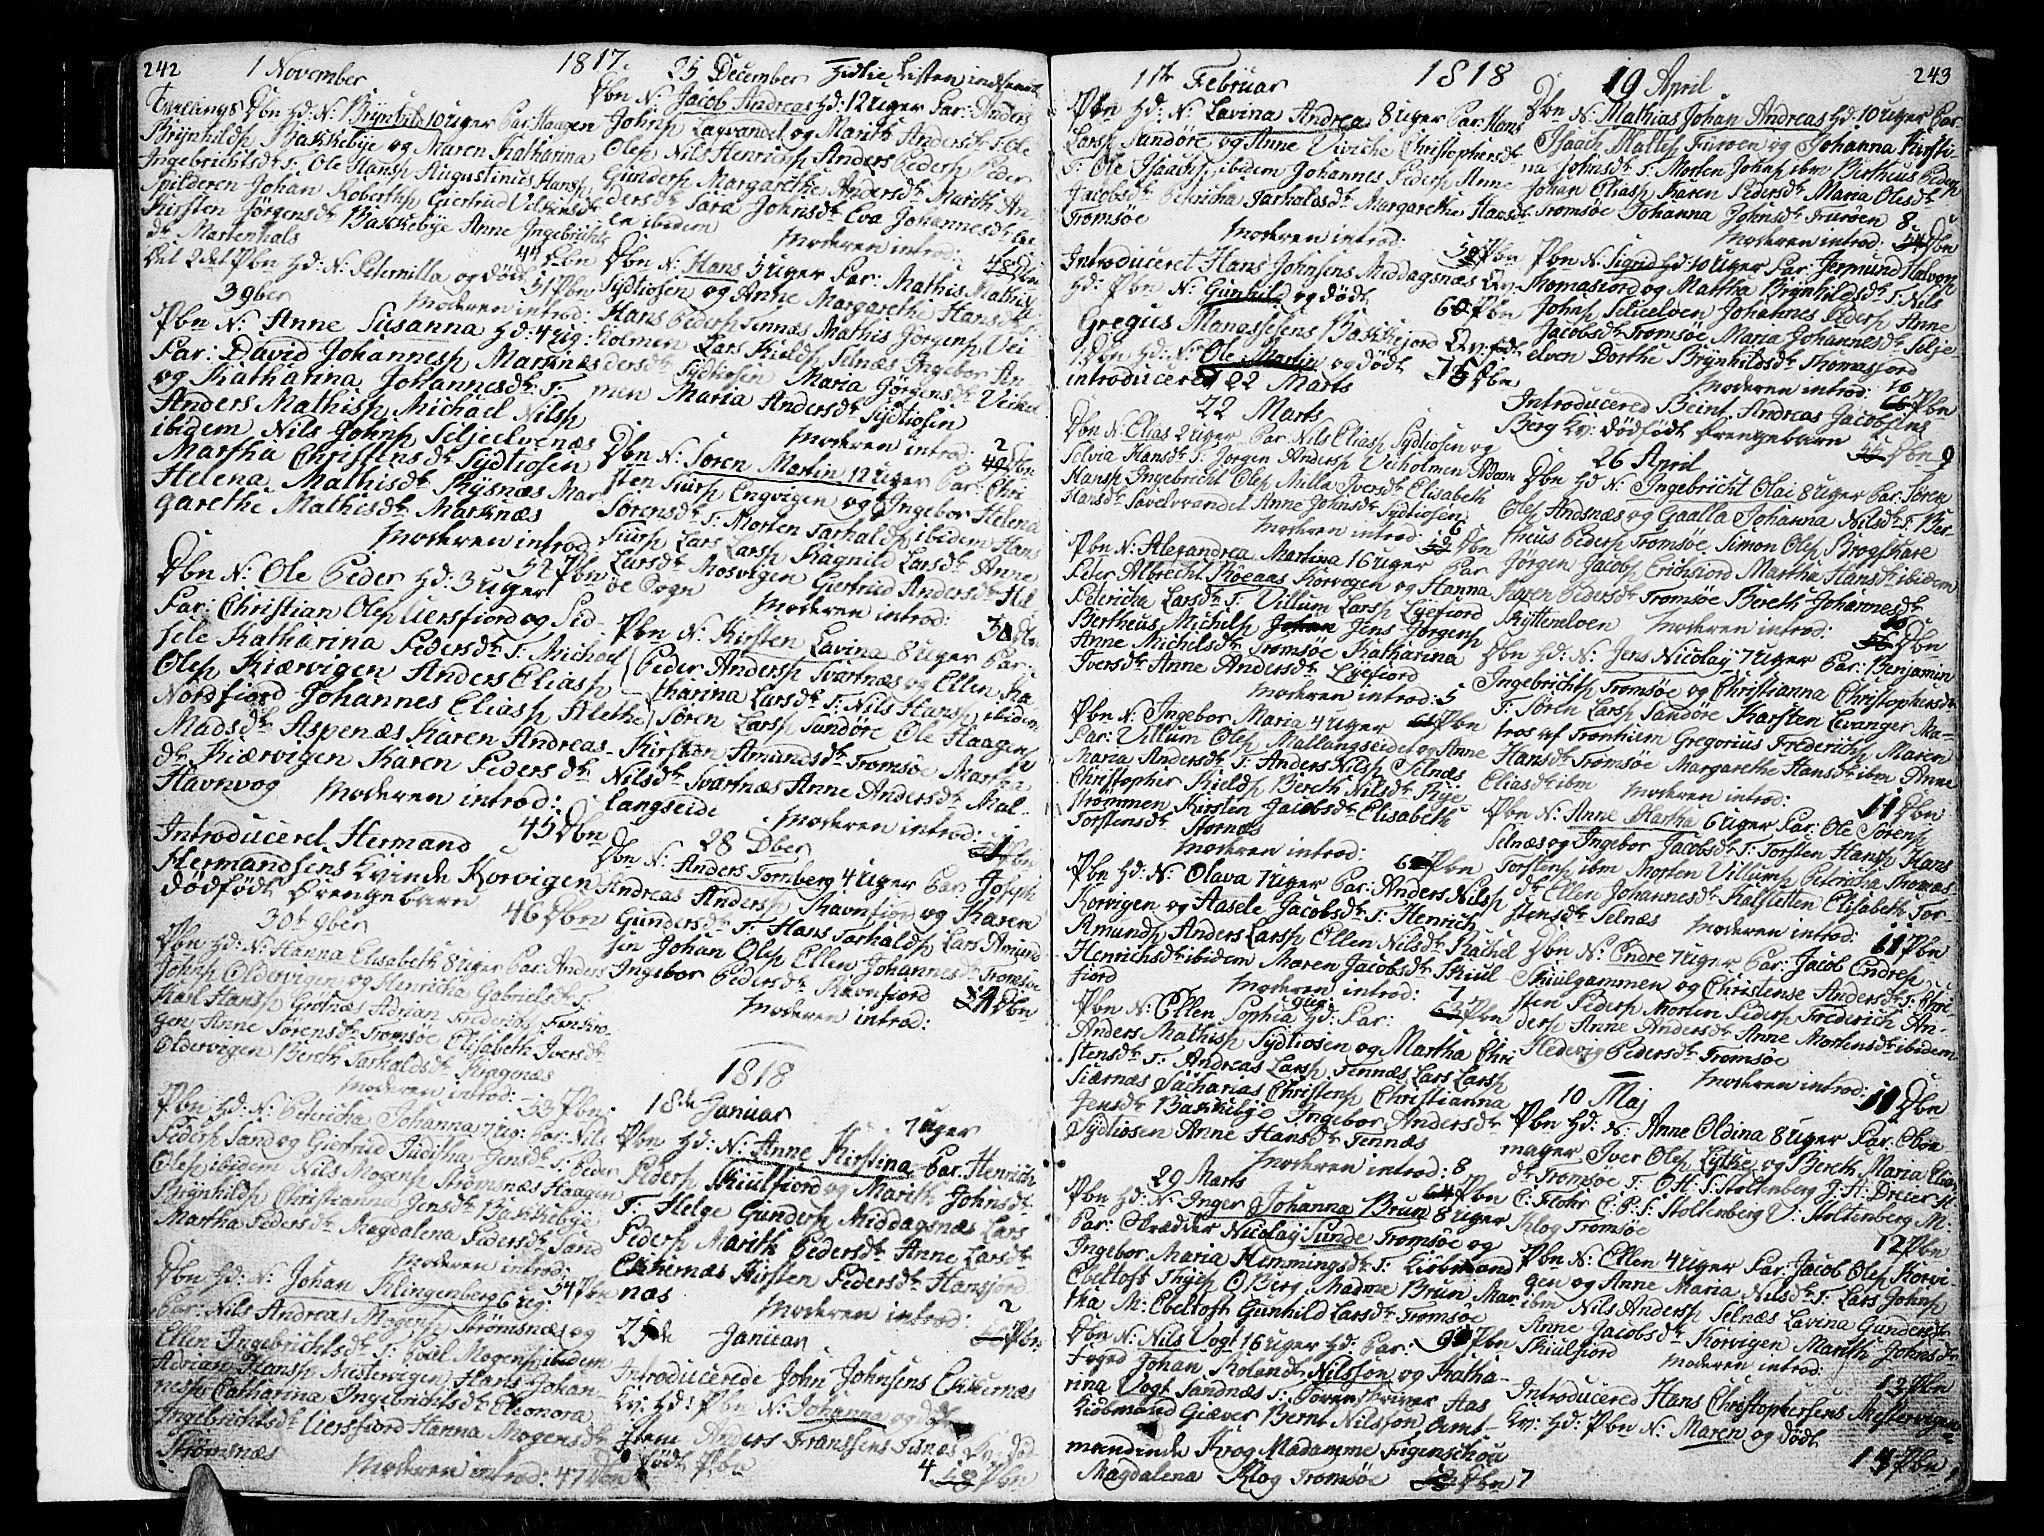 SATØ, Tromsø sokneprestkontor/stiftsprosti/domprosti, G/Ga/L0006kirke: Ministerialbok nr. 6, 1806-1821, s. 242-243